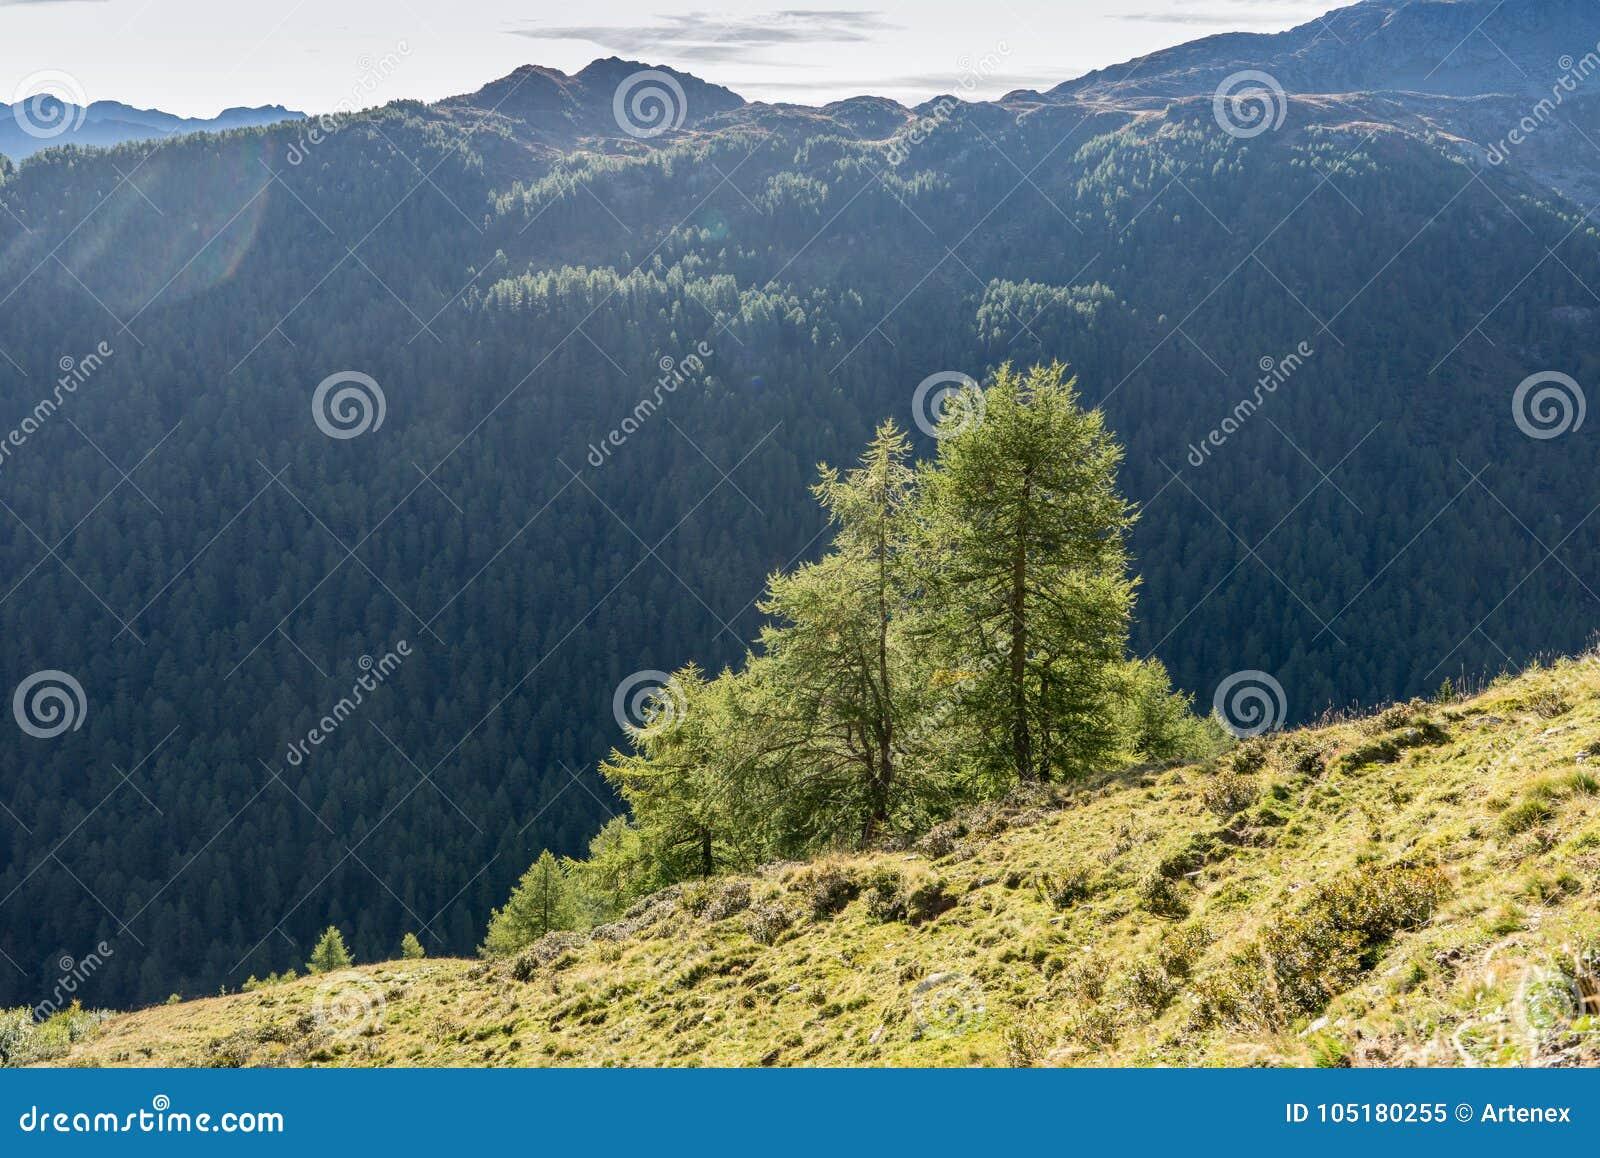 Berge, Spitzen und Bäume gestalten, natürliche Umwelt landschaftlich Hohe alpine Straße Timmelsjoch